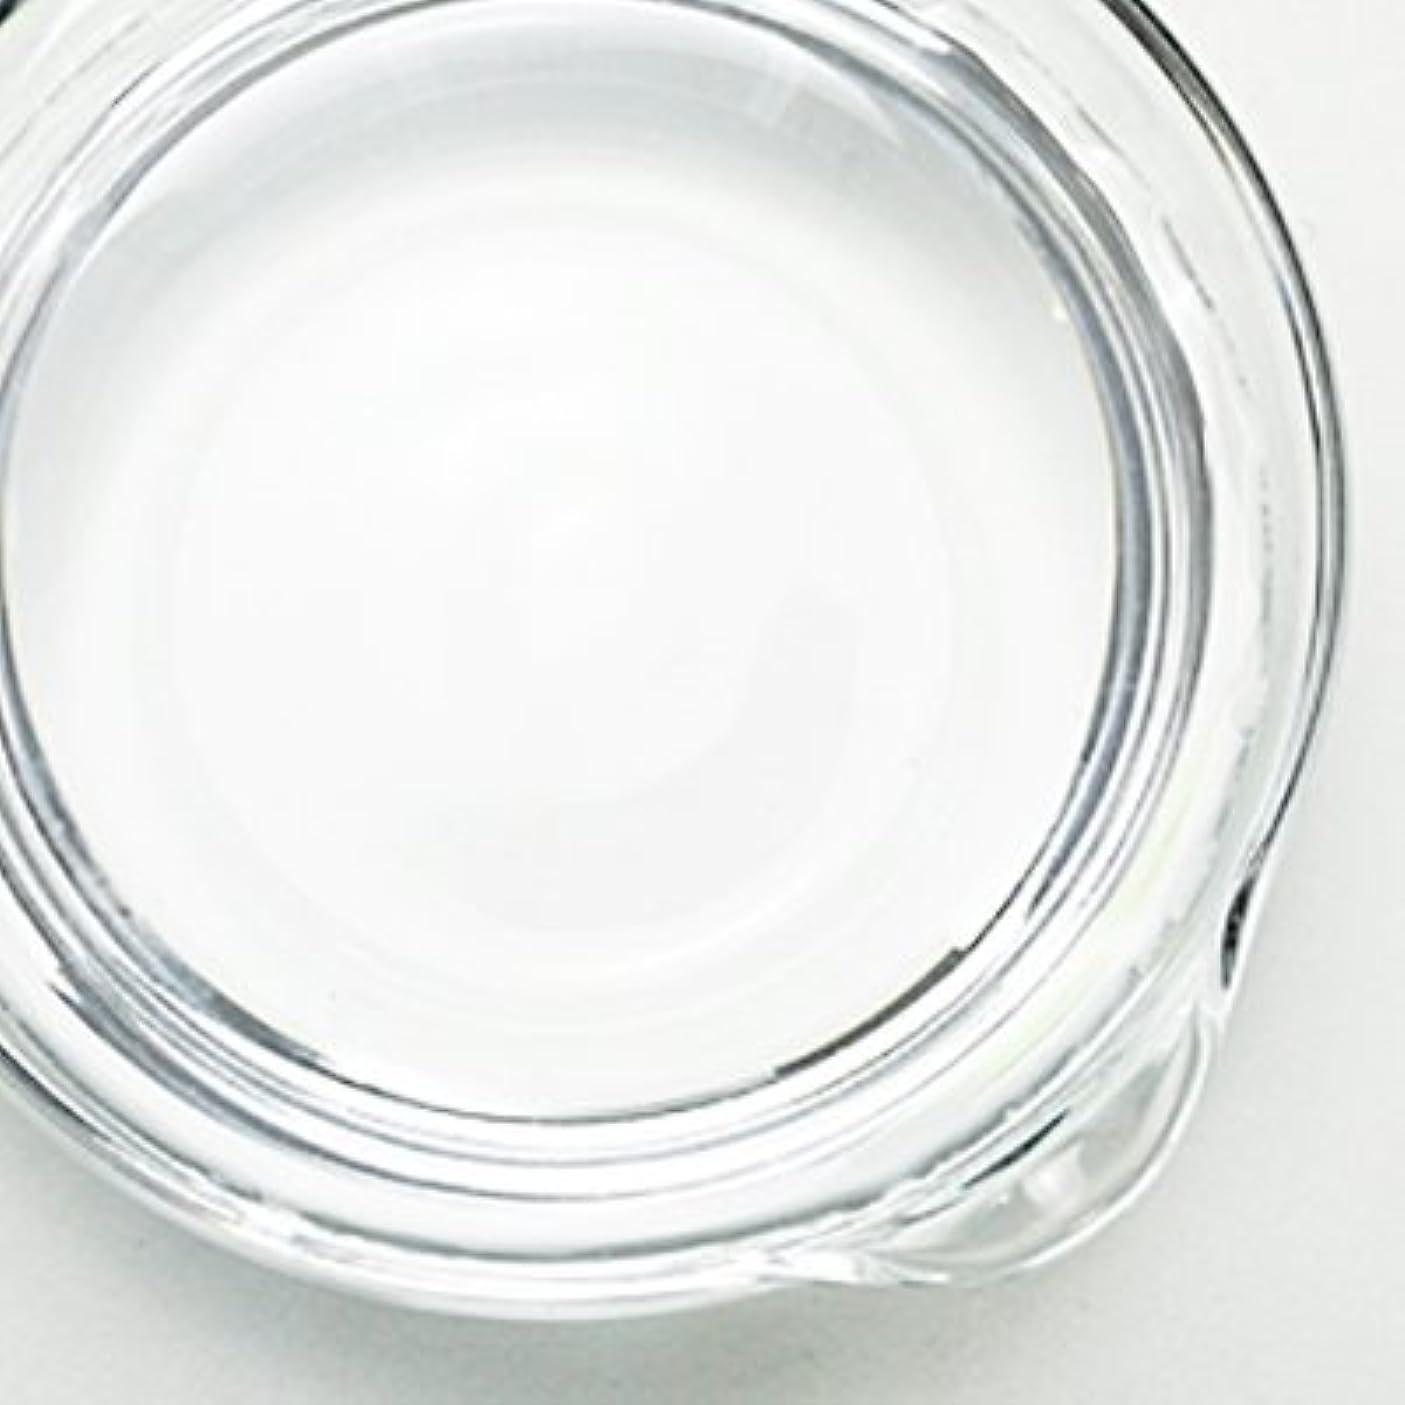 花火関数債務1,3-プロパンジオール[PG] 100ml 【手作り石鹸/手作りコスメ】